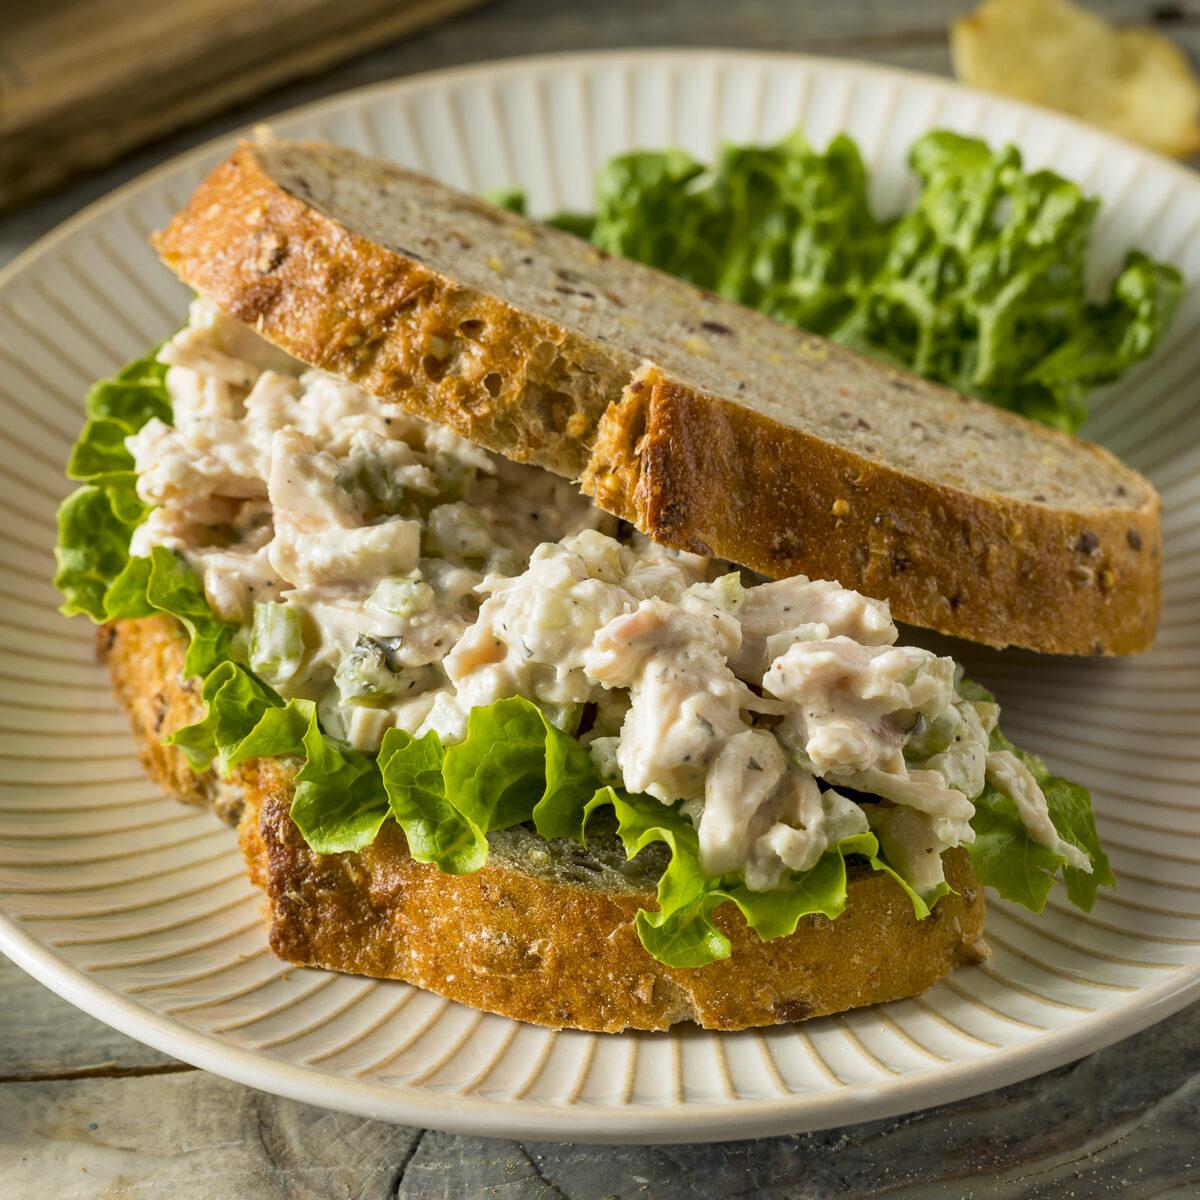 chicken salad sandwich on a plate